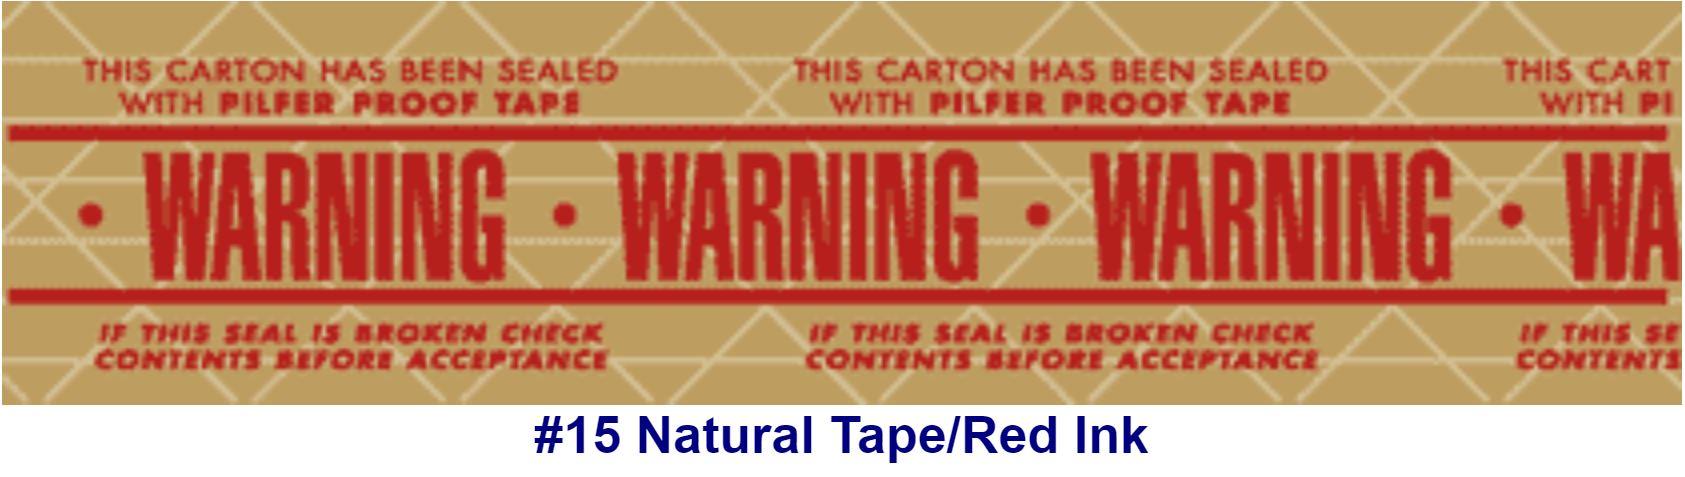 Reinforced Gummed Tape with Print | Mr  Shrinkwrap